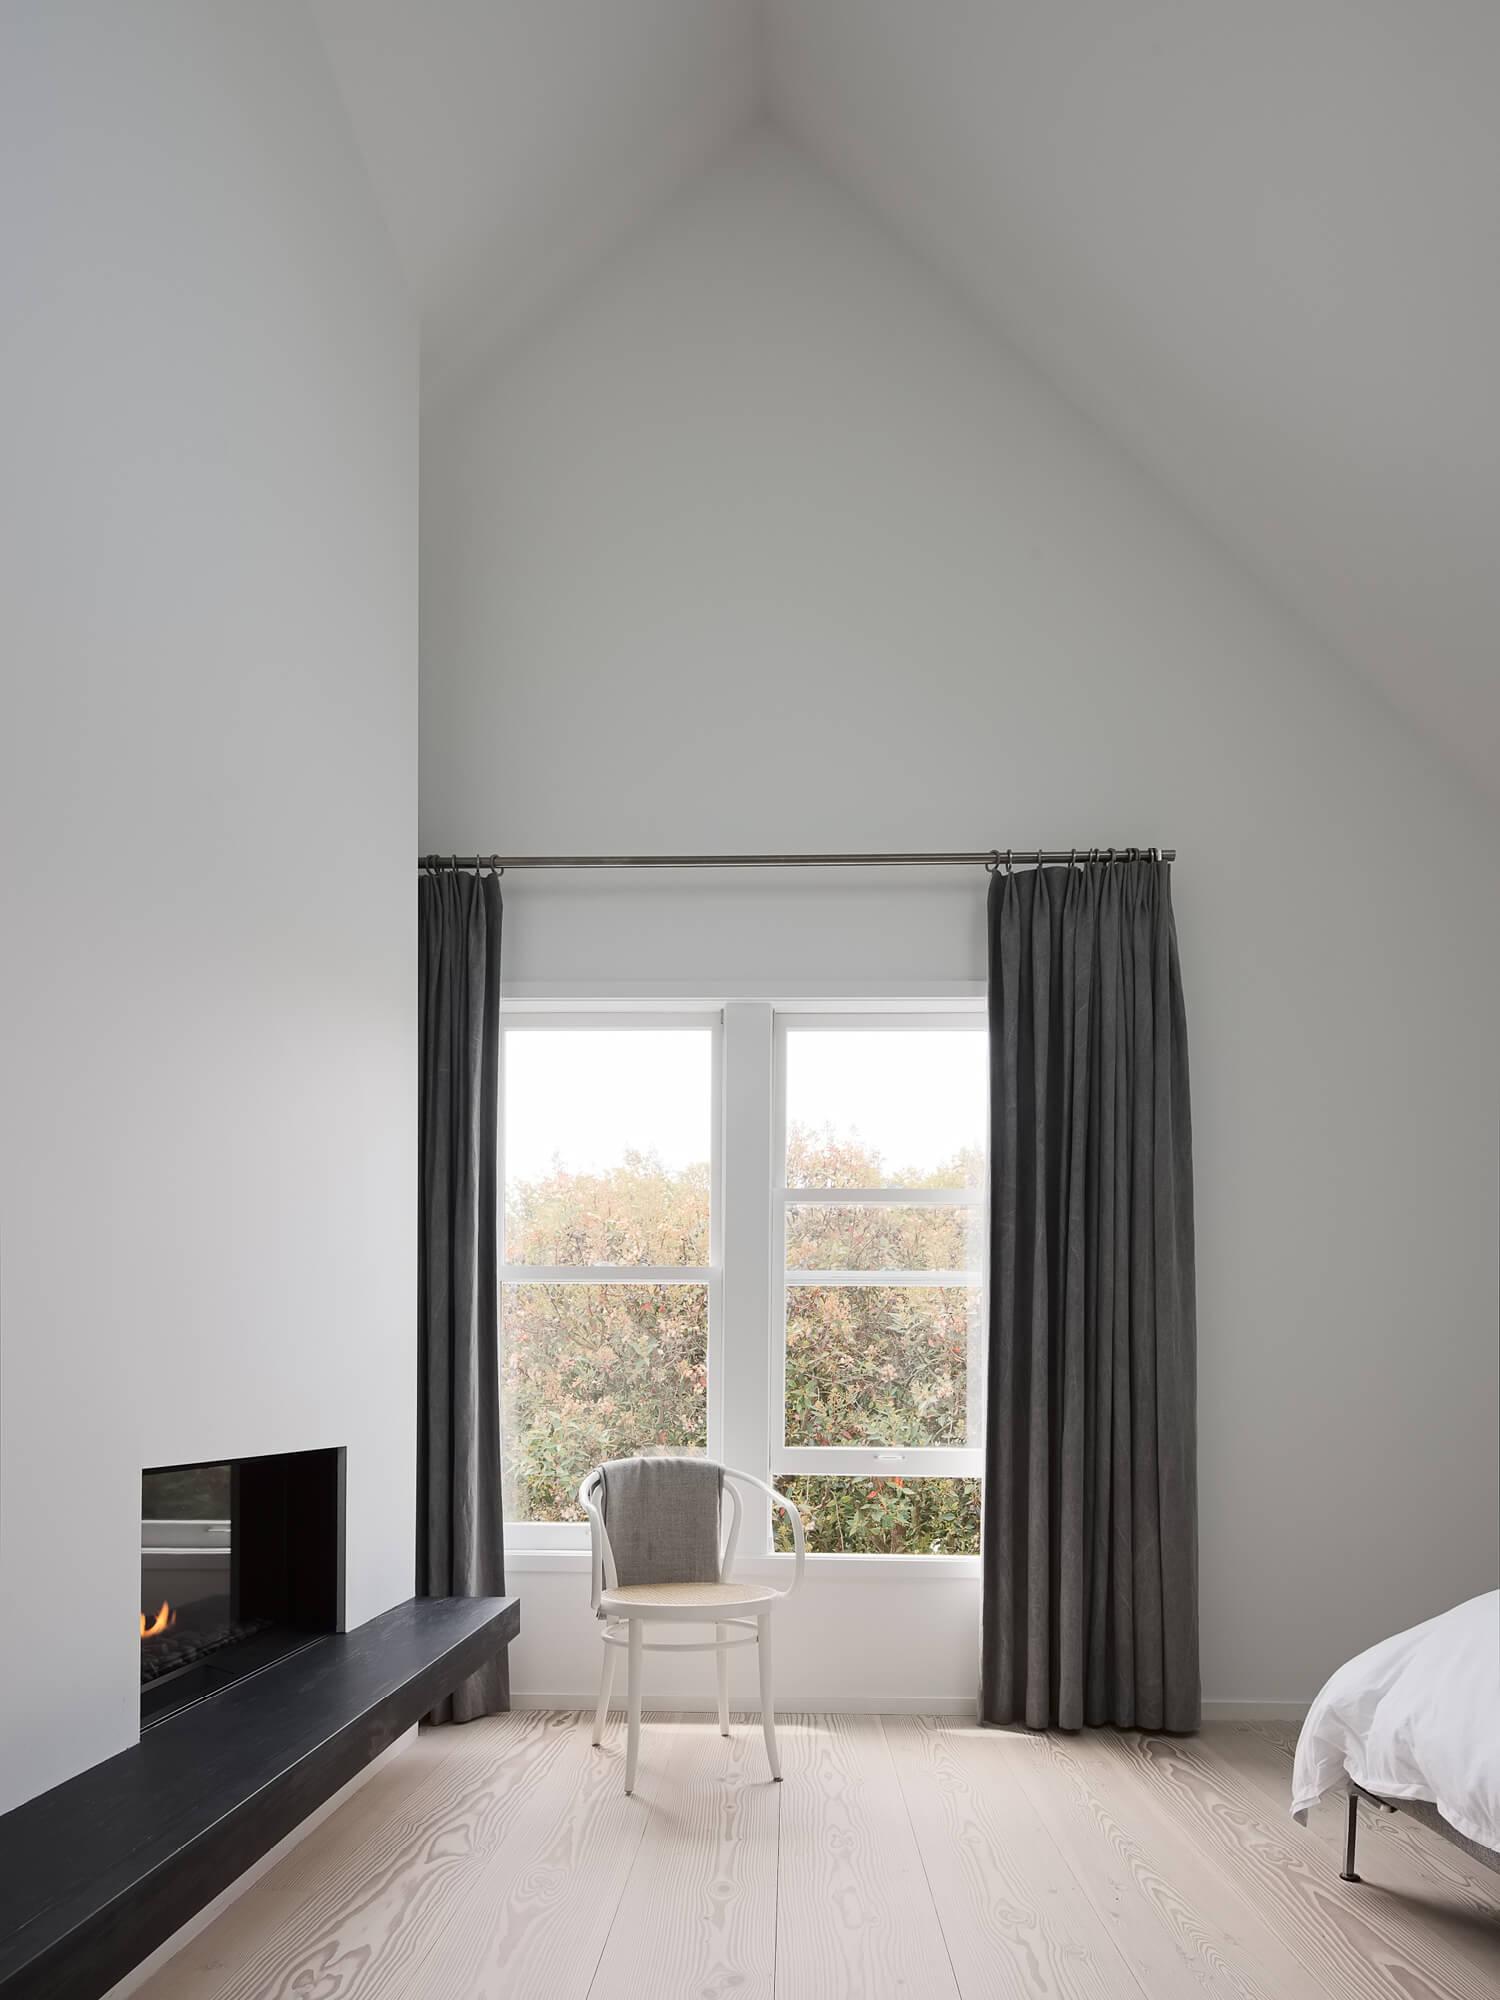 est living gable house edmonds lee architects 10